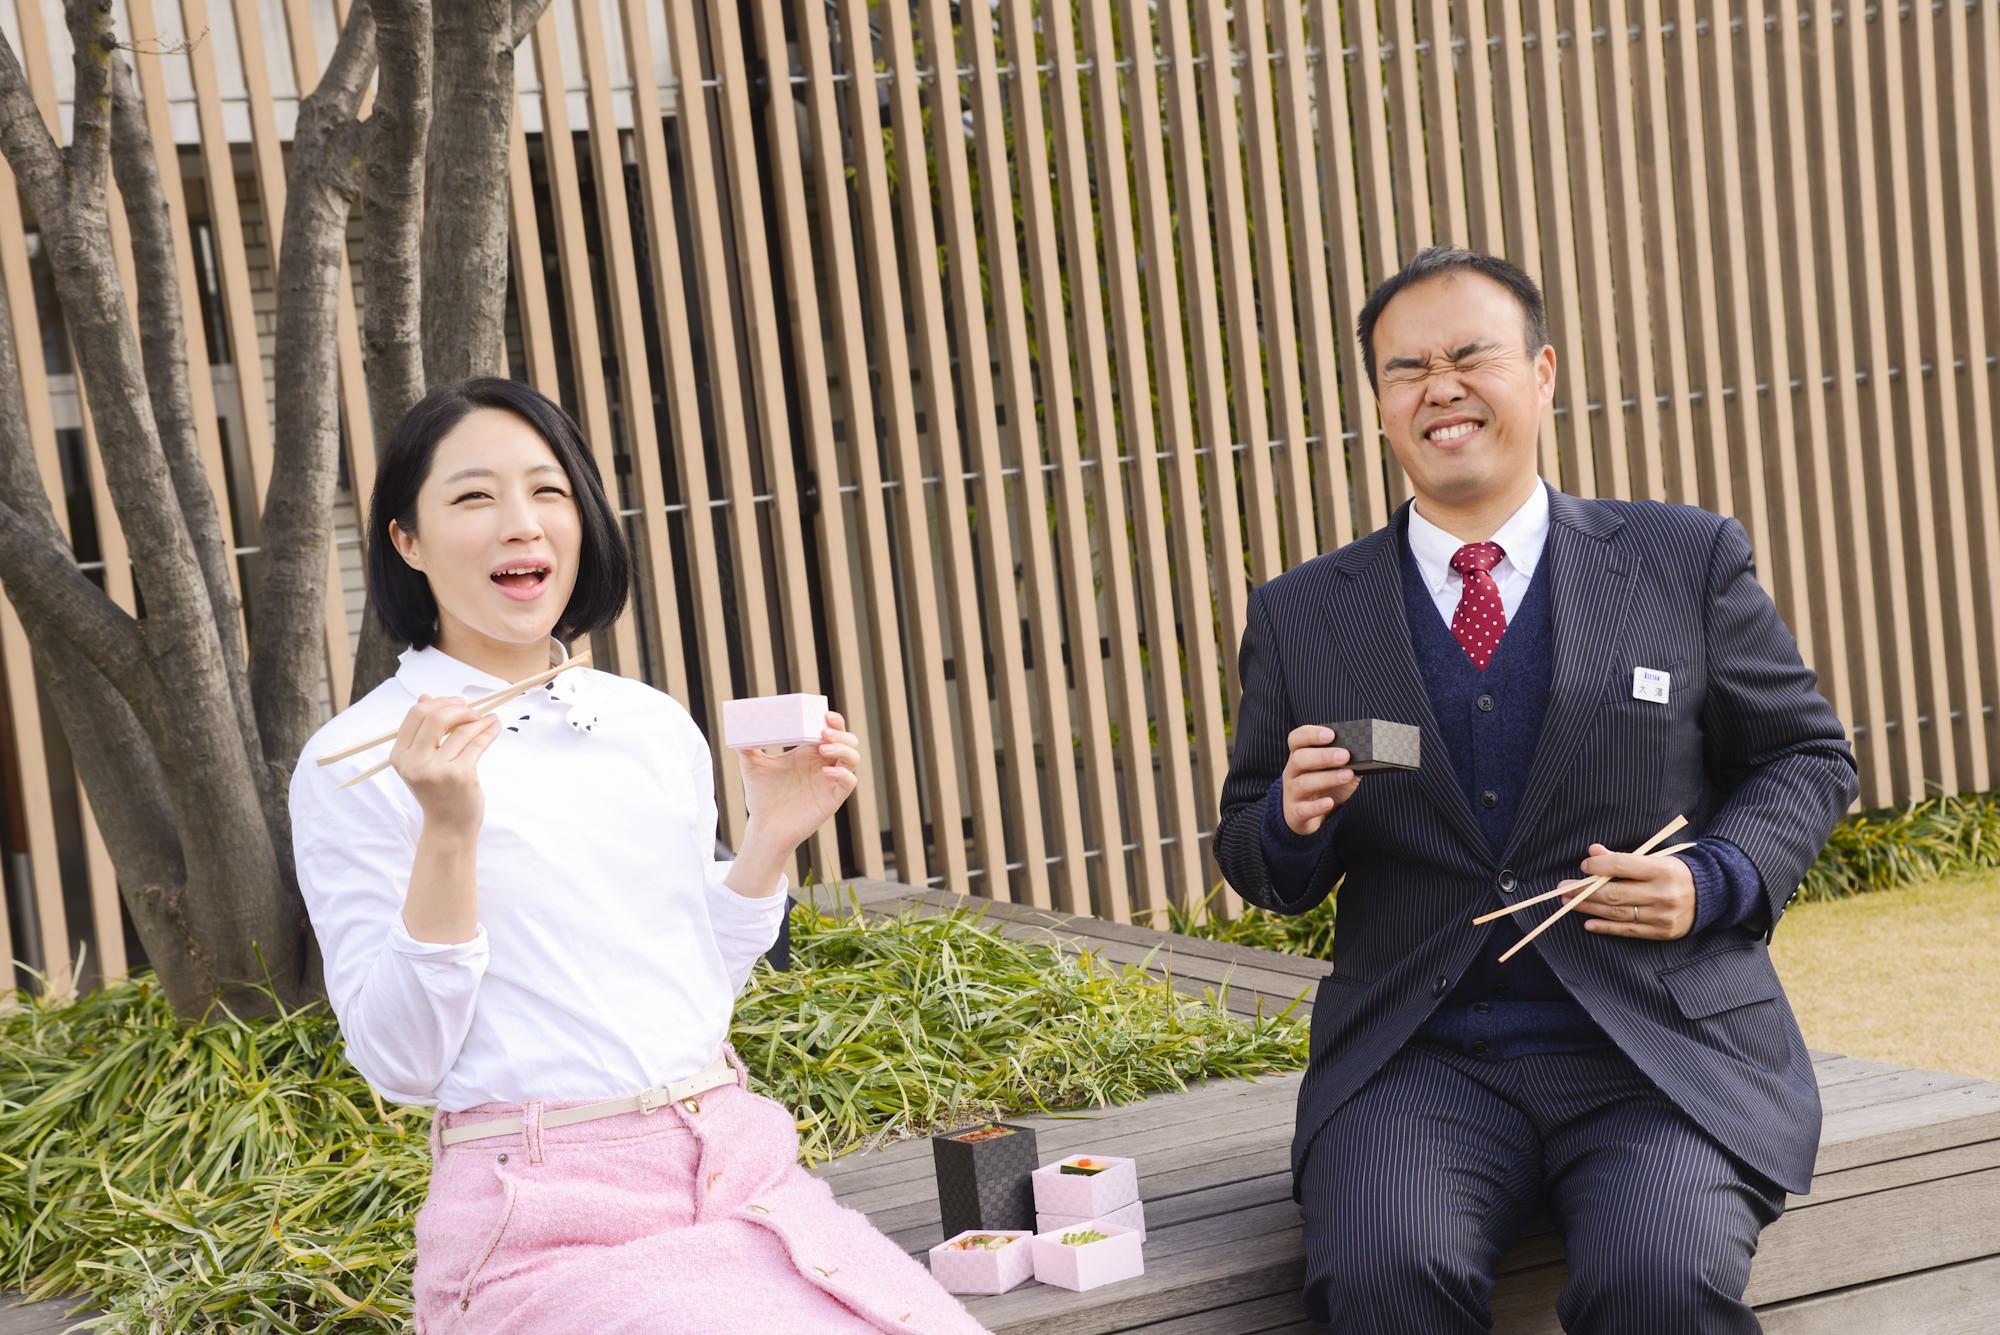 弁当美女? 犬山紙子さんと食べる、お花見弁当の新しいかたち_1